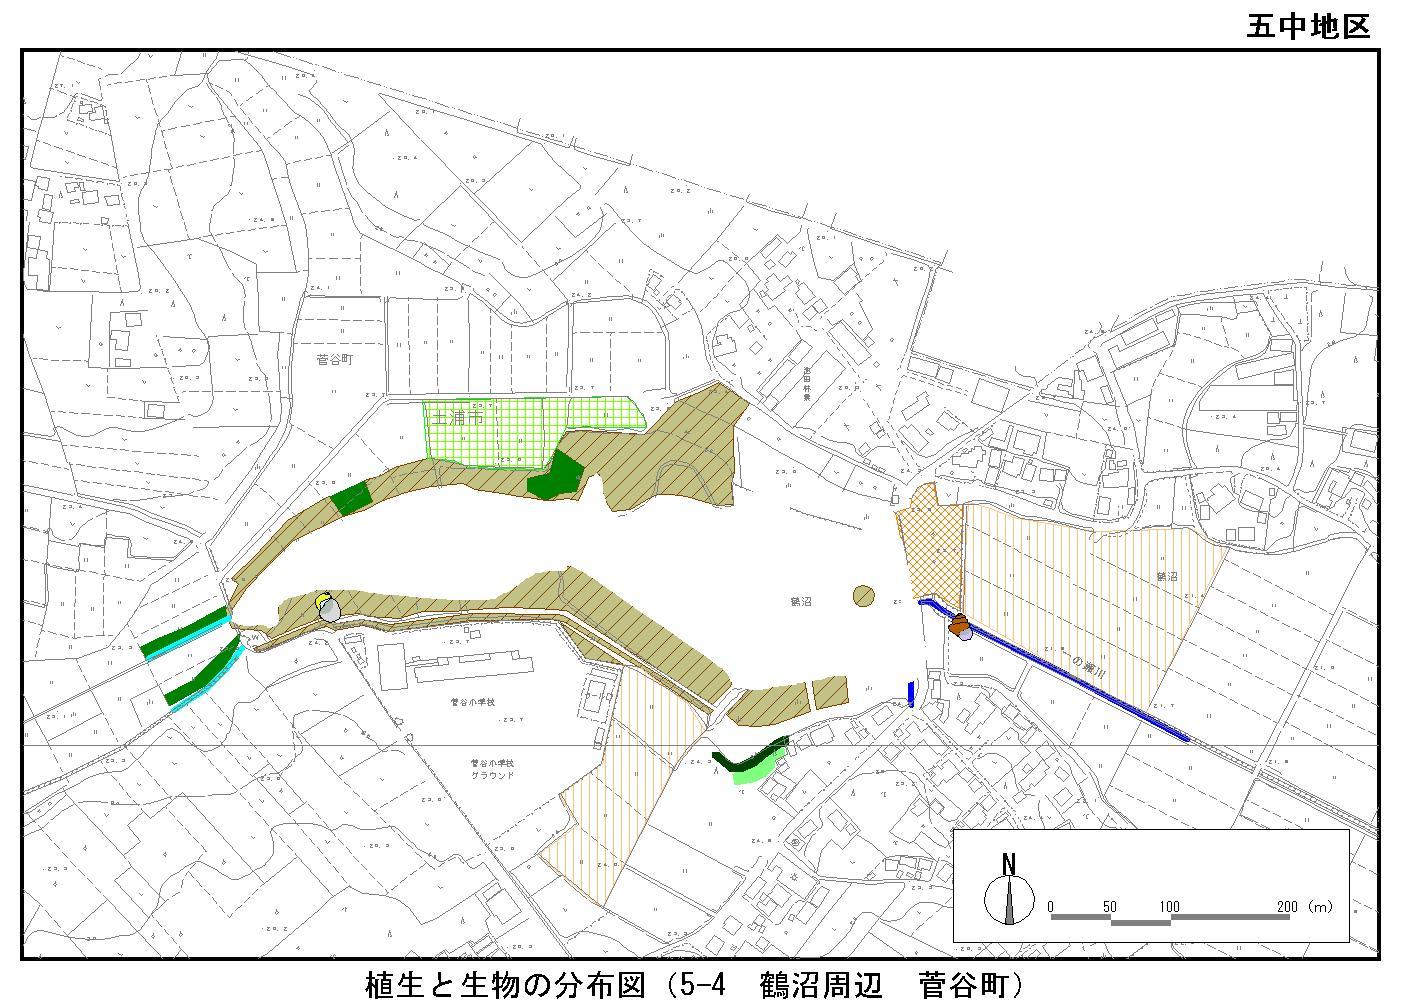 鶴沼周辺(菅谷町)